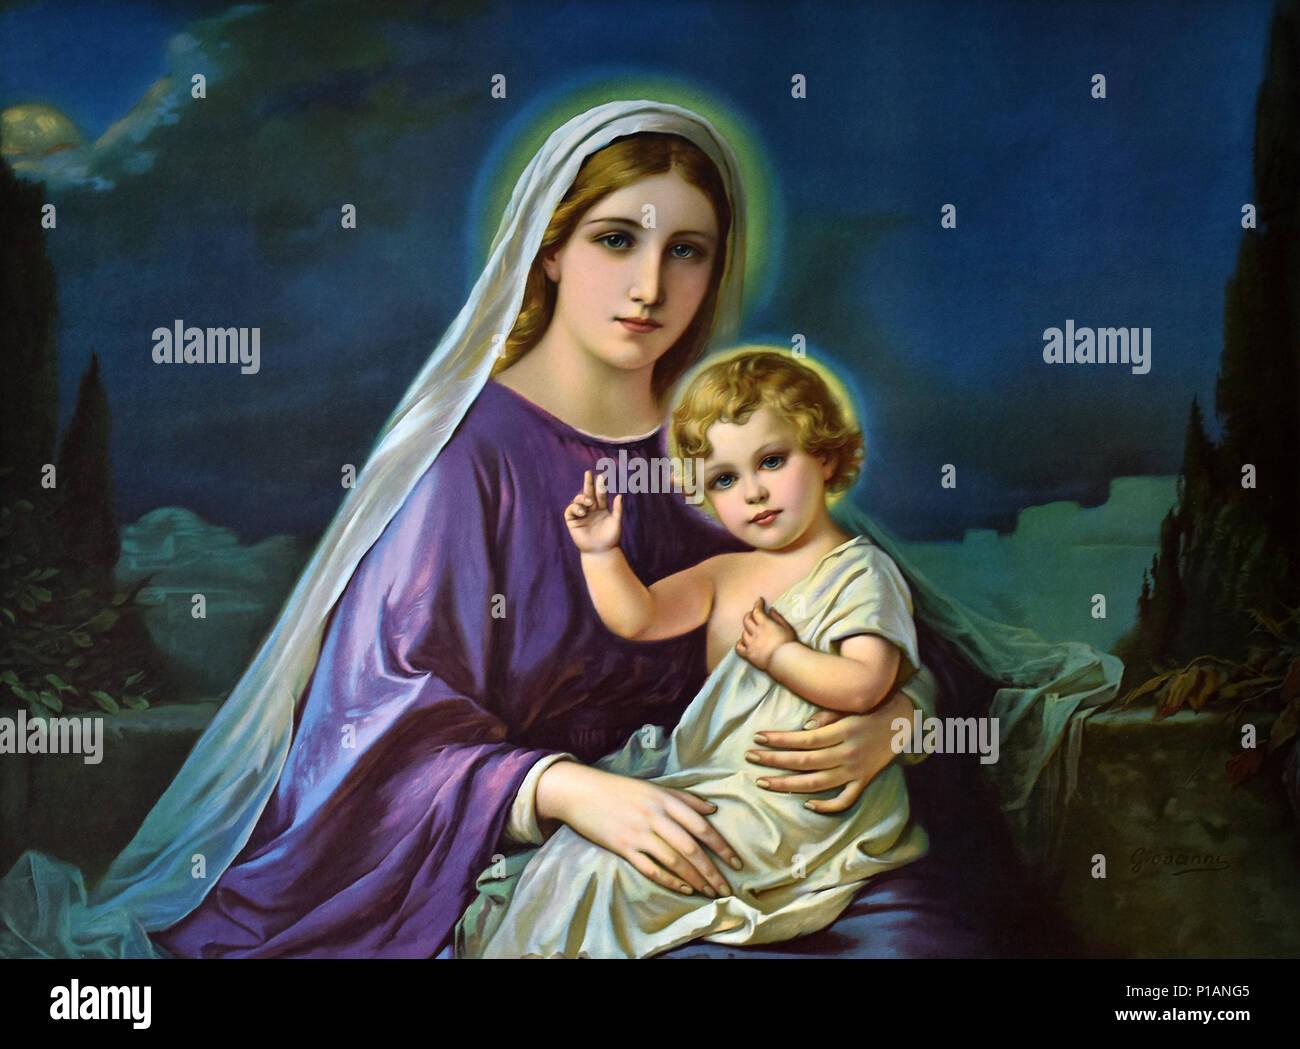 Moonlight Madonna, Madonna mit Kind, moonlight, Reproduktion, original von Giovanni Bellini, 15. Jahrhundert, italienischer Maler, Venedig,, Mondschein-Madonn Stockbild